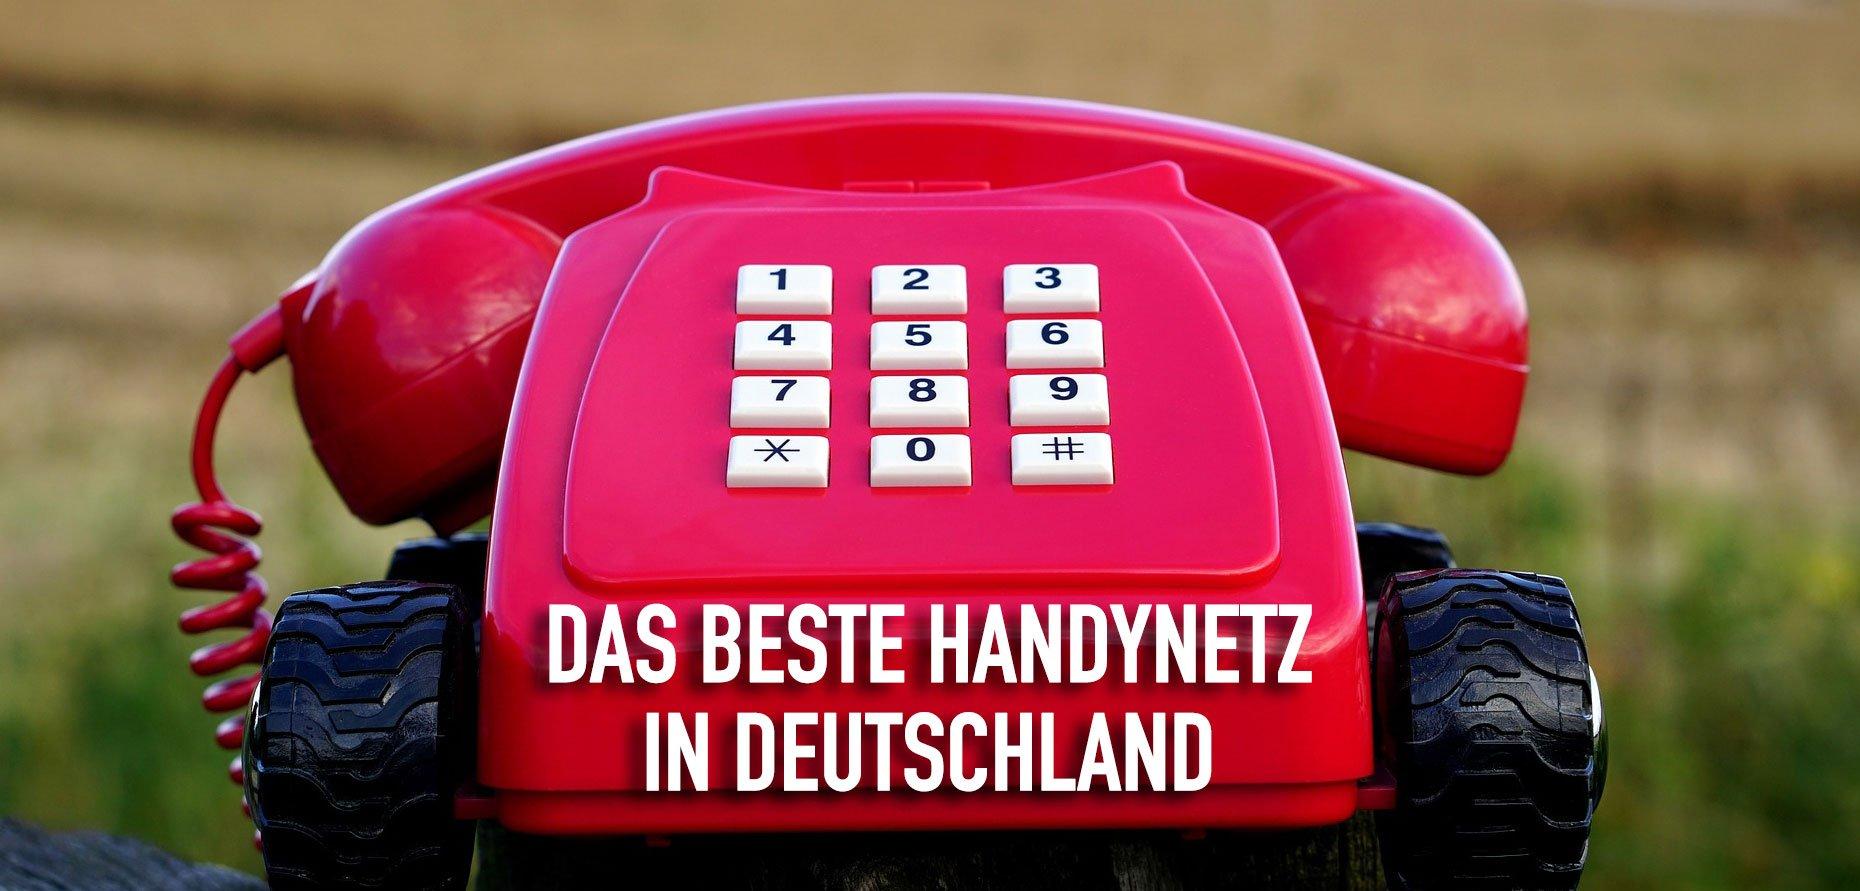 TÜV NORD bestätigt: Telekom bietet die beste Mobilfunk-Netzqualität 12